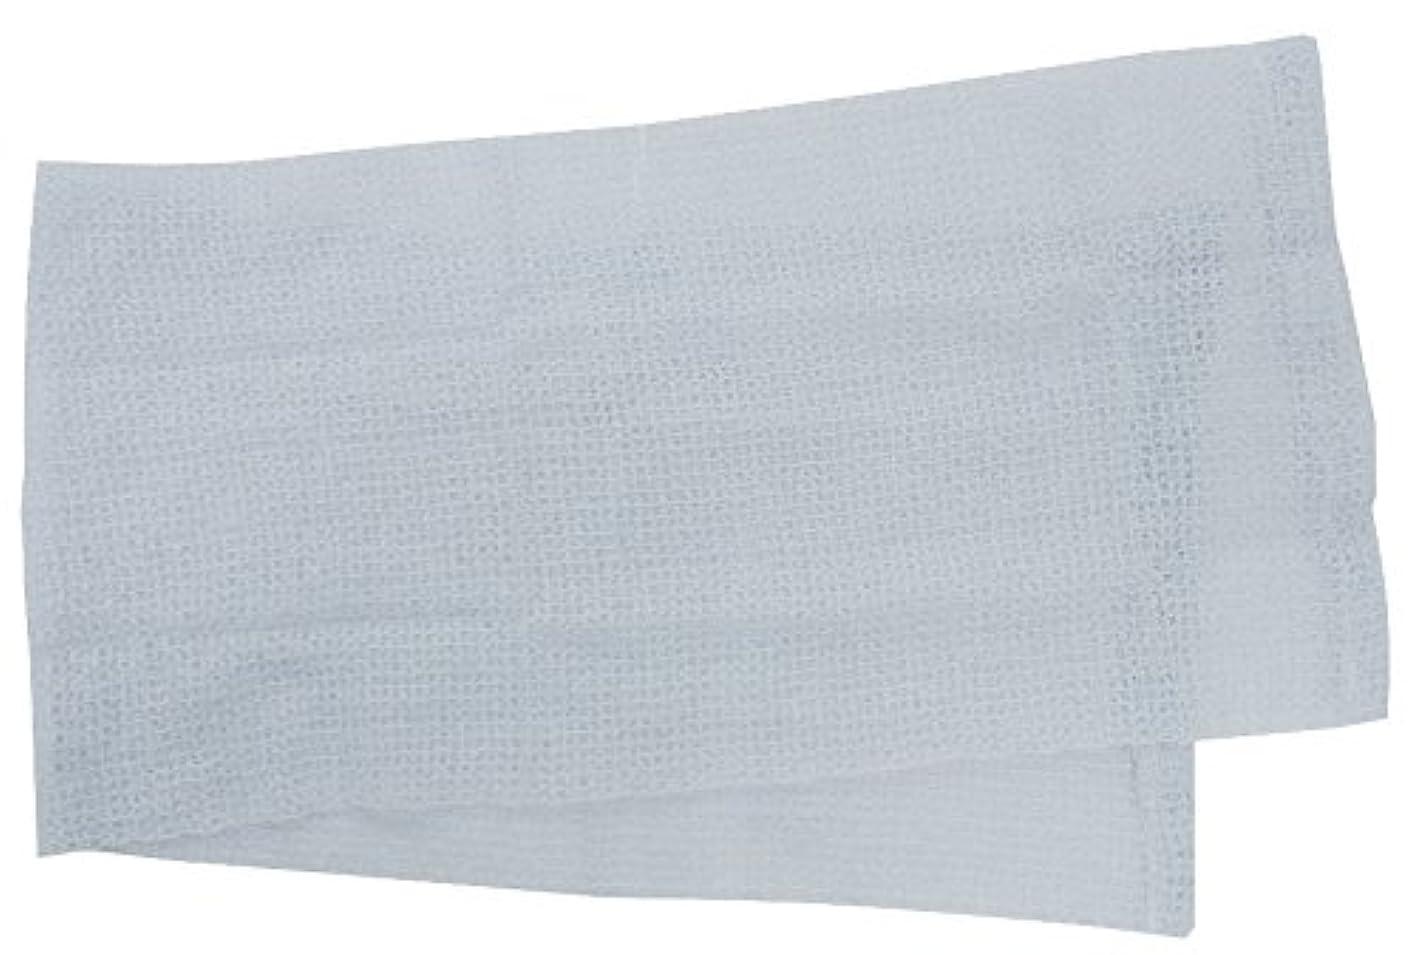 非常に時間ショルダー小久保 『メレンゲのような泡立ちとソフトな肌ざわり』 モコモコボディタオル ブルー 24×100cm 2278